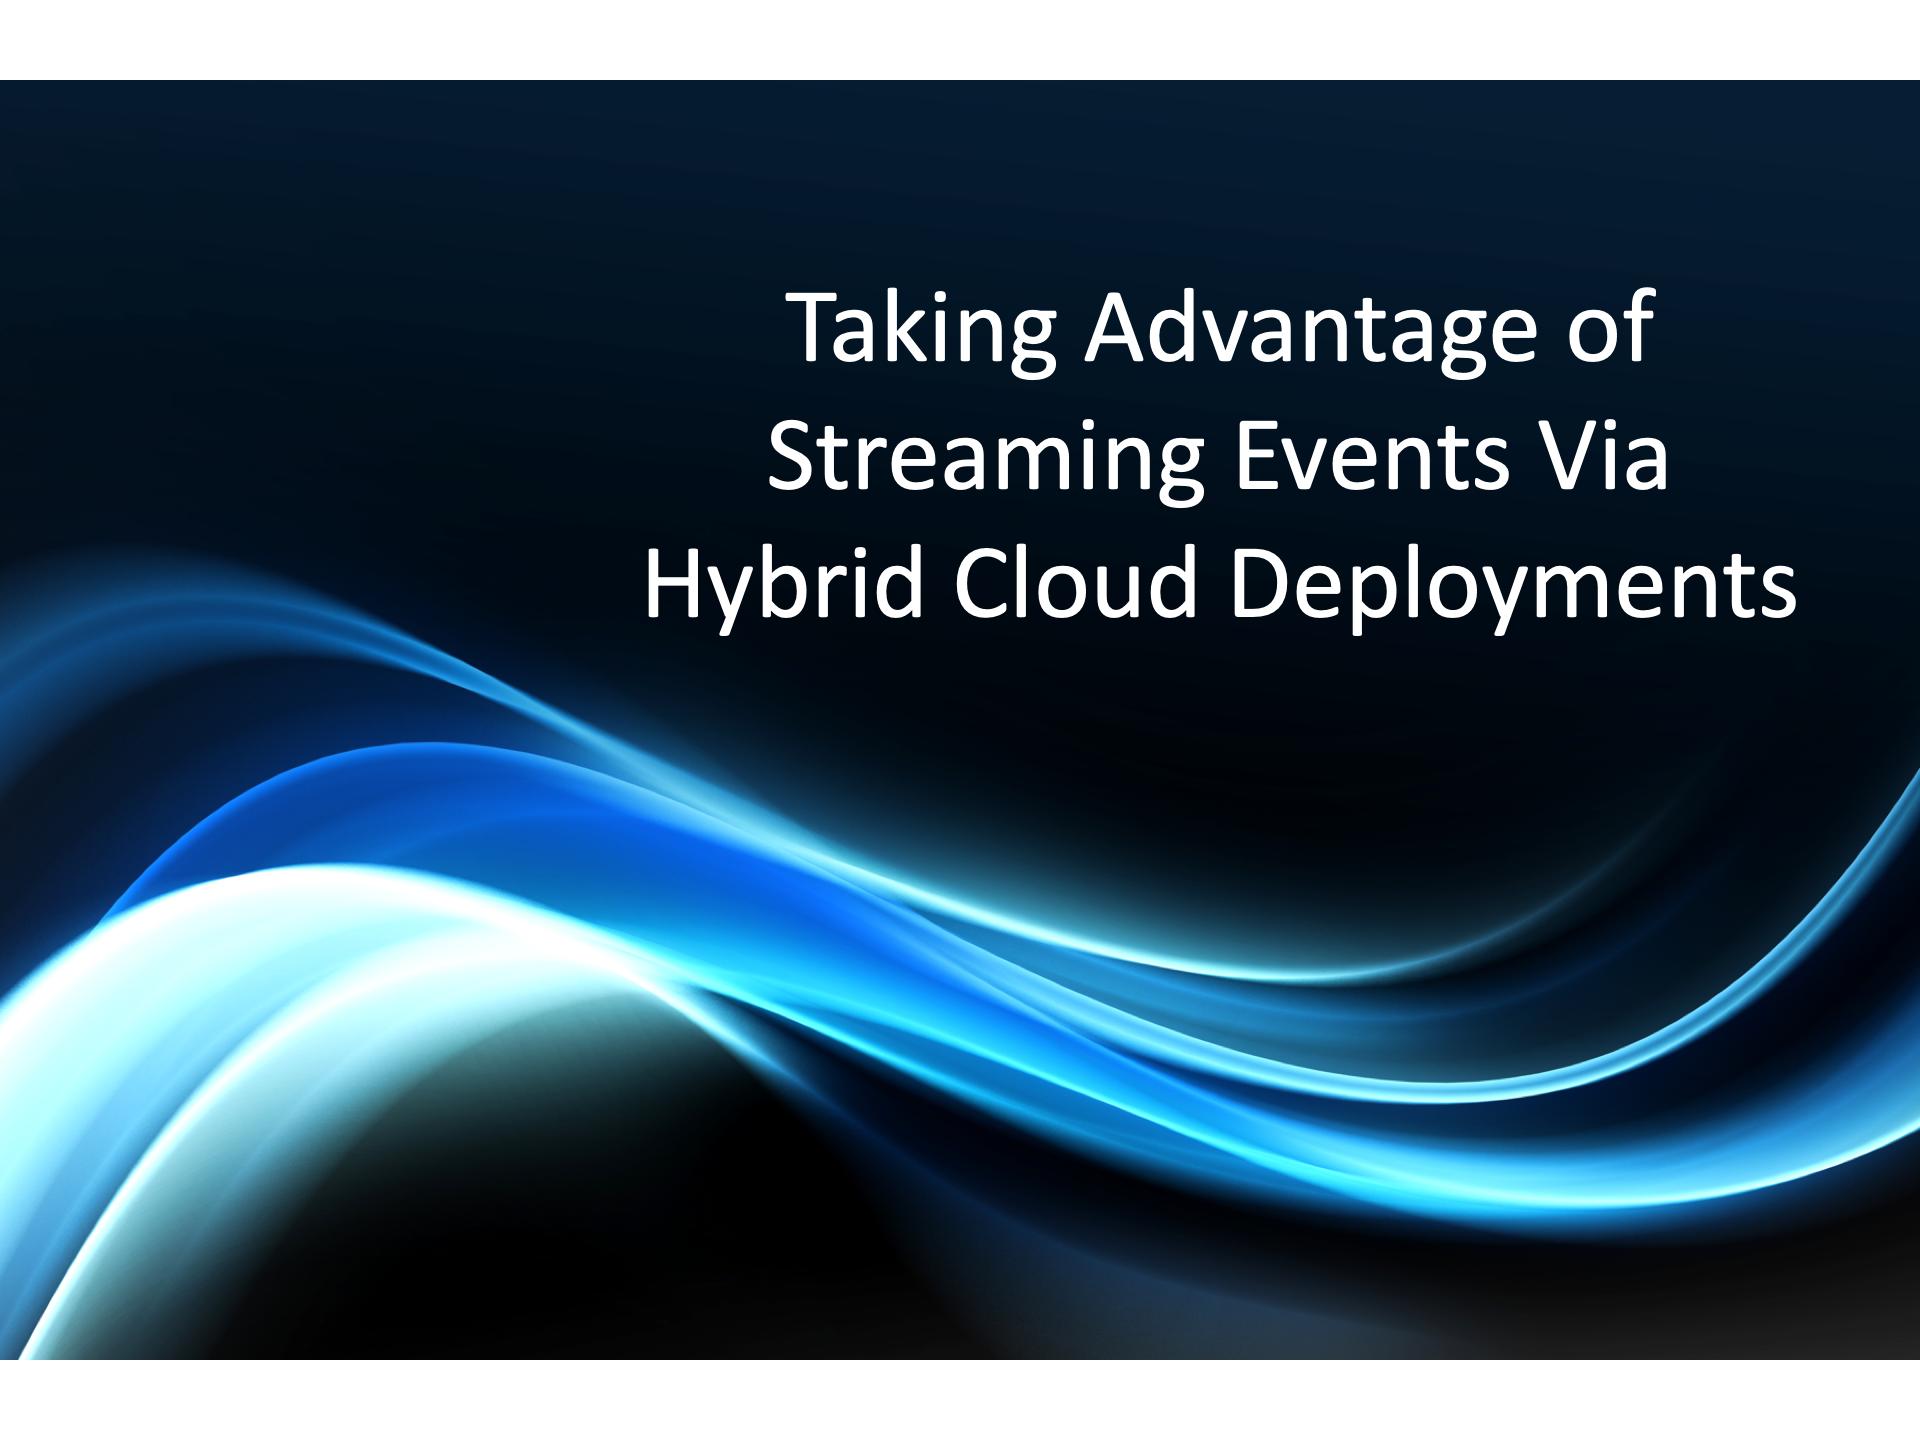 hybrid cloud deployments